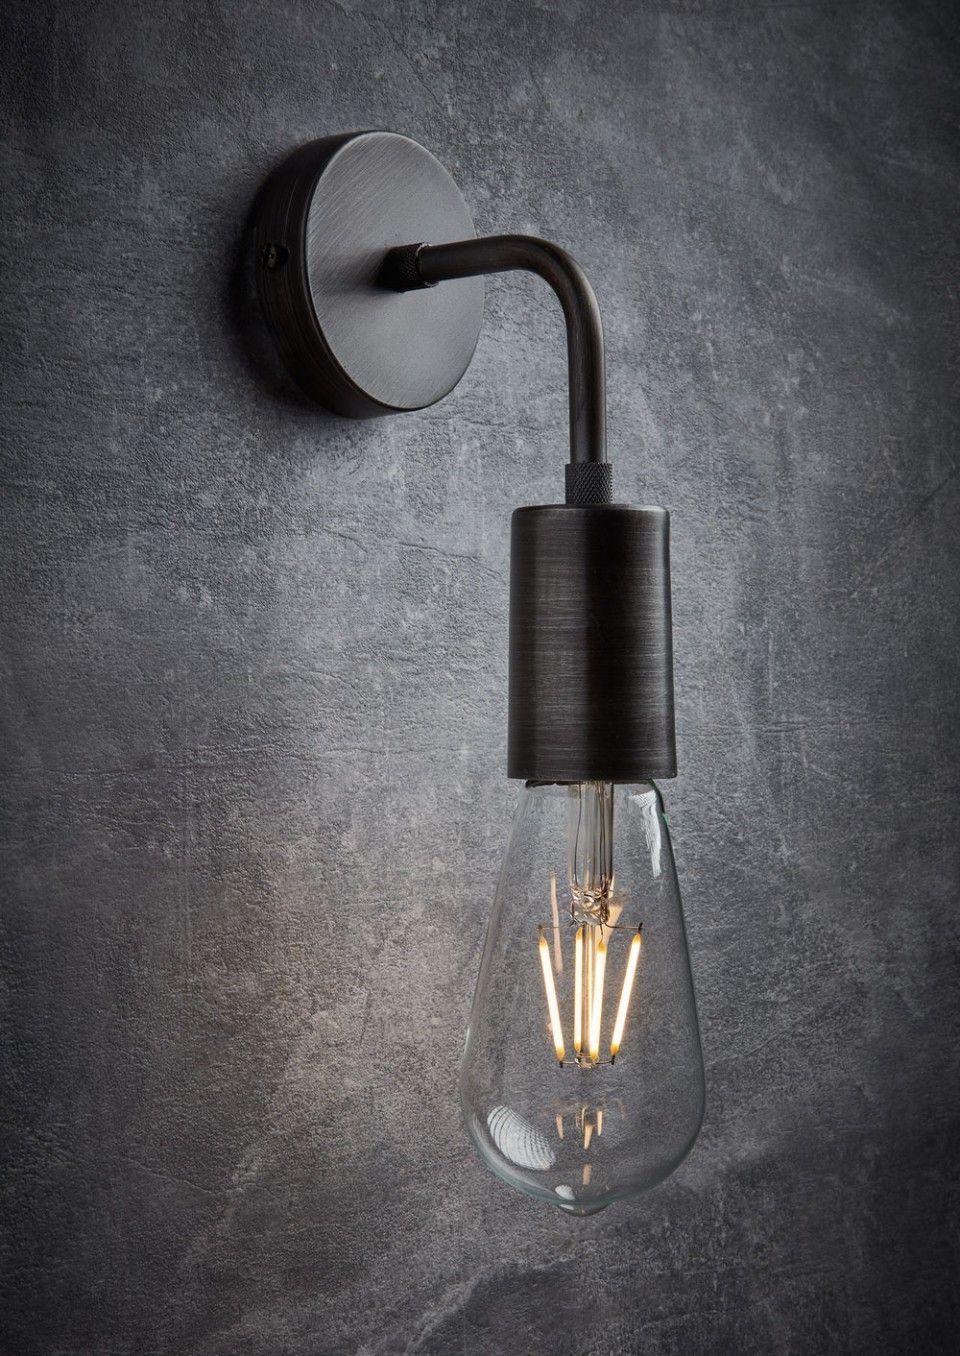 Vintage Sleek Edison Wall Light Pewter Industville Industrial Light Fixtures Vintage Industrial Lighting Industrial Bathroom Decor